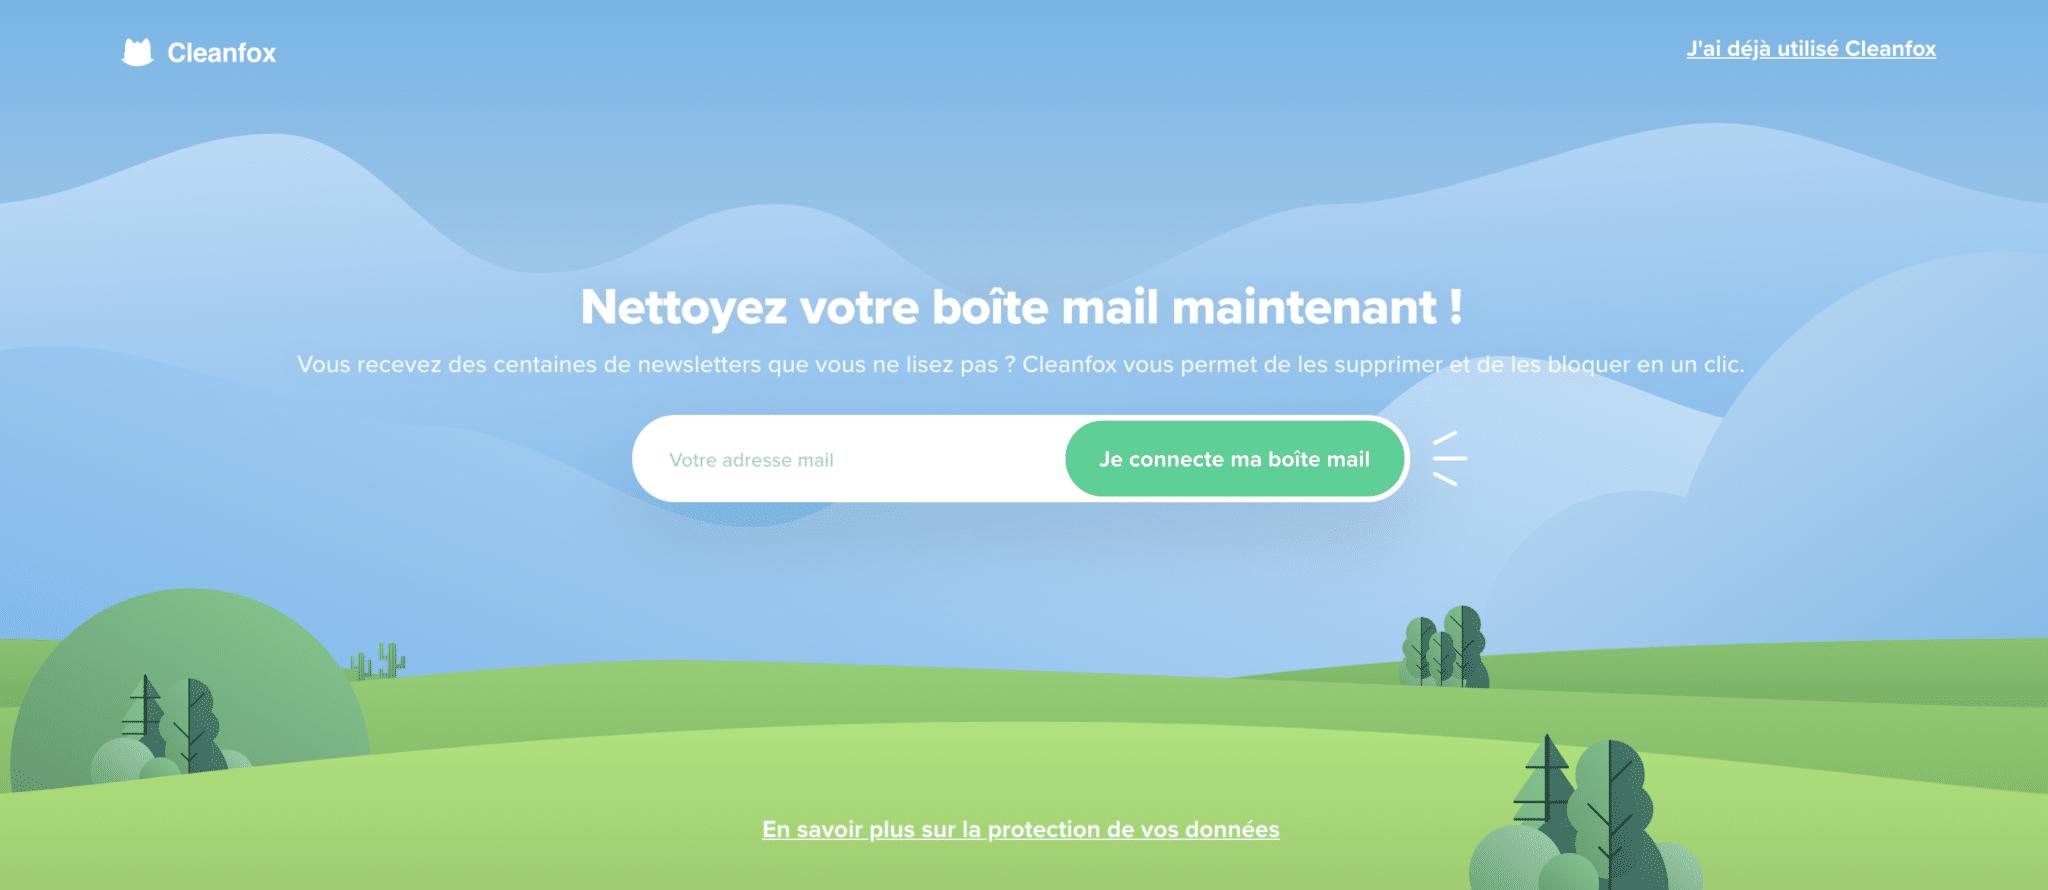 nettoyer sa boite mail